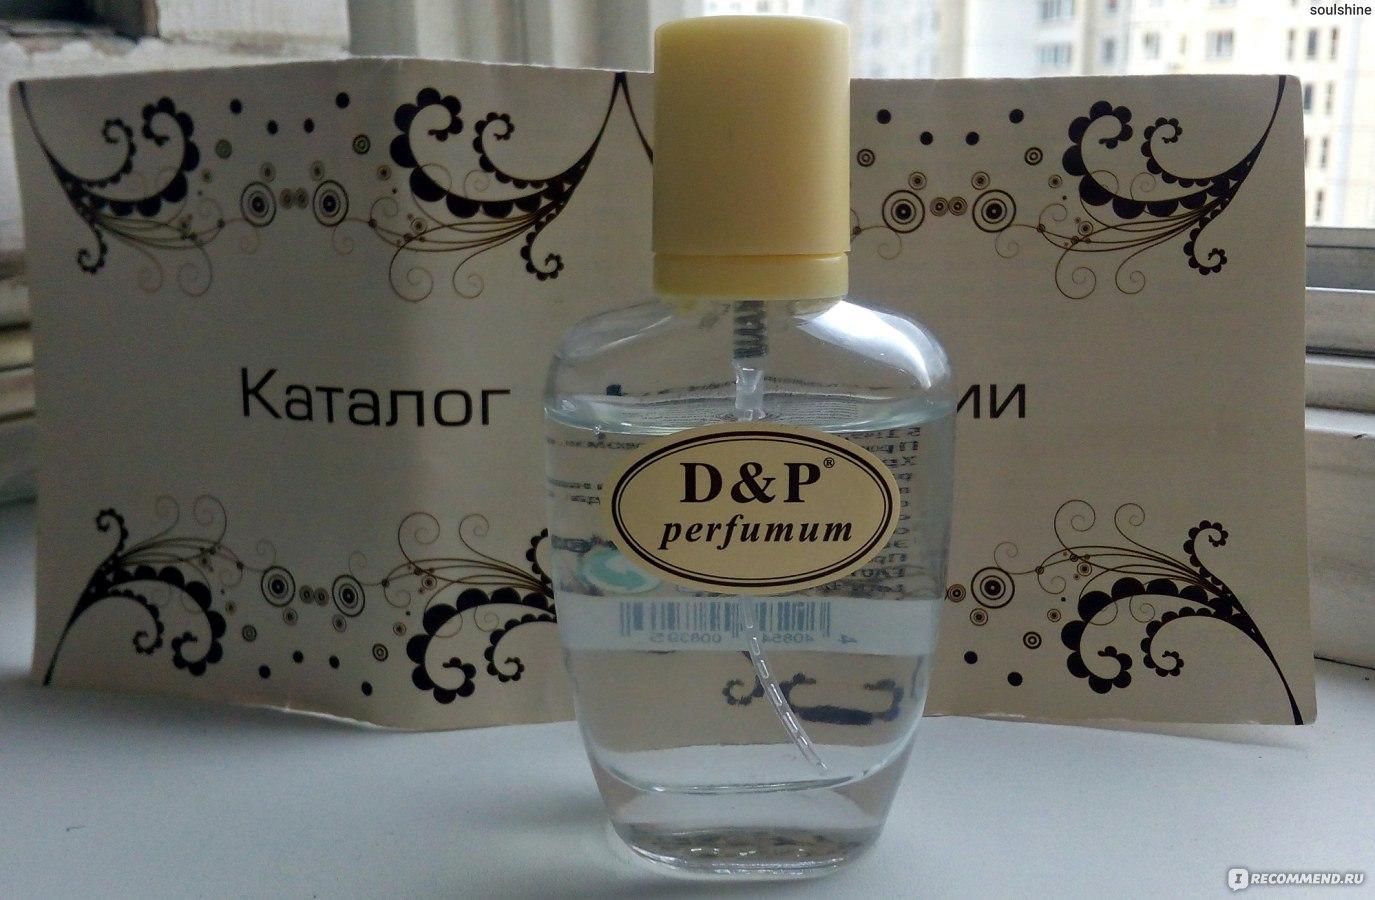 Dp Perfumum неплохая альтернатива оригинальной парфюмерии